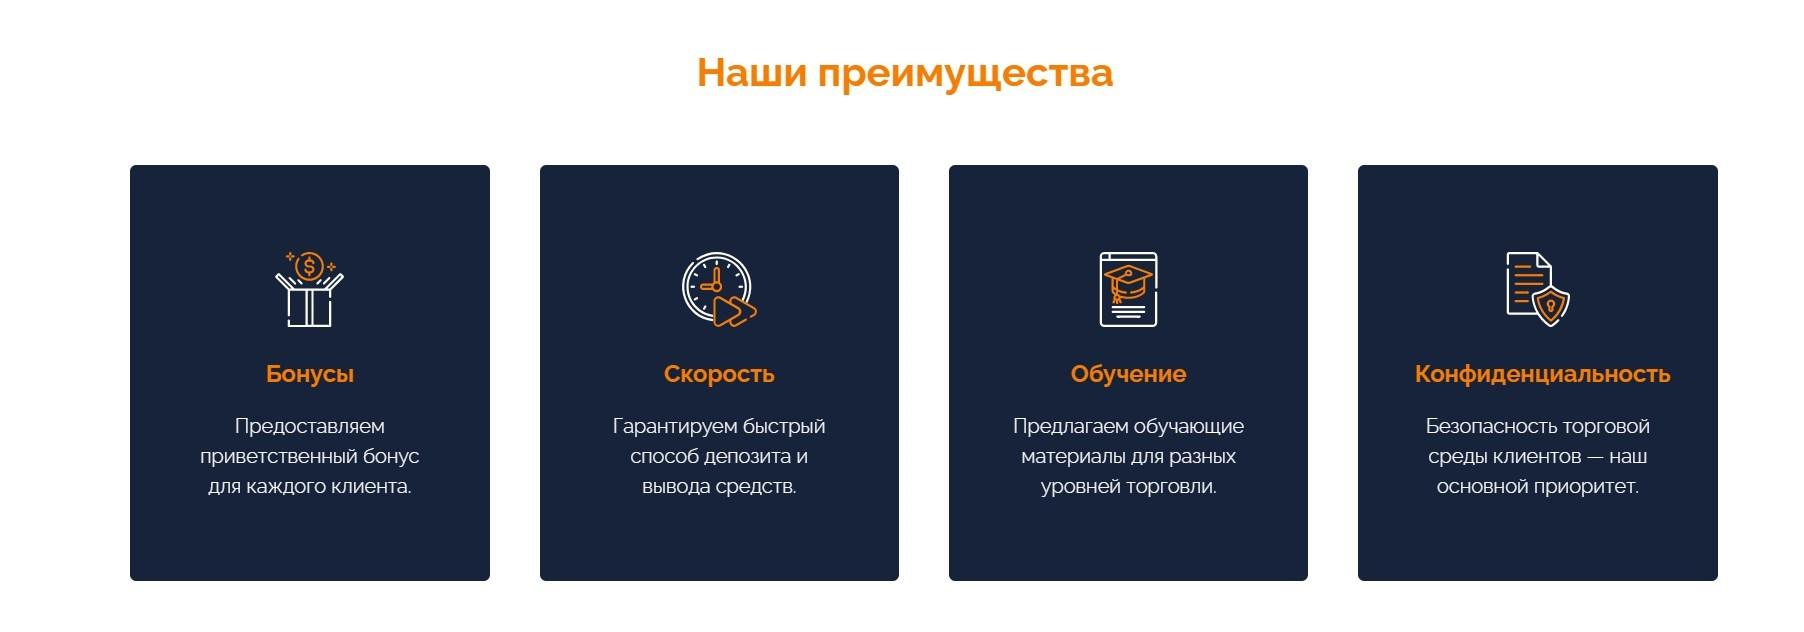 SenseTrade: отзывы трейдеров, проверка документов компании